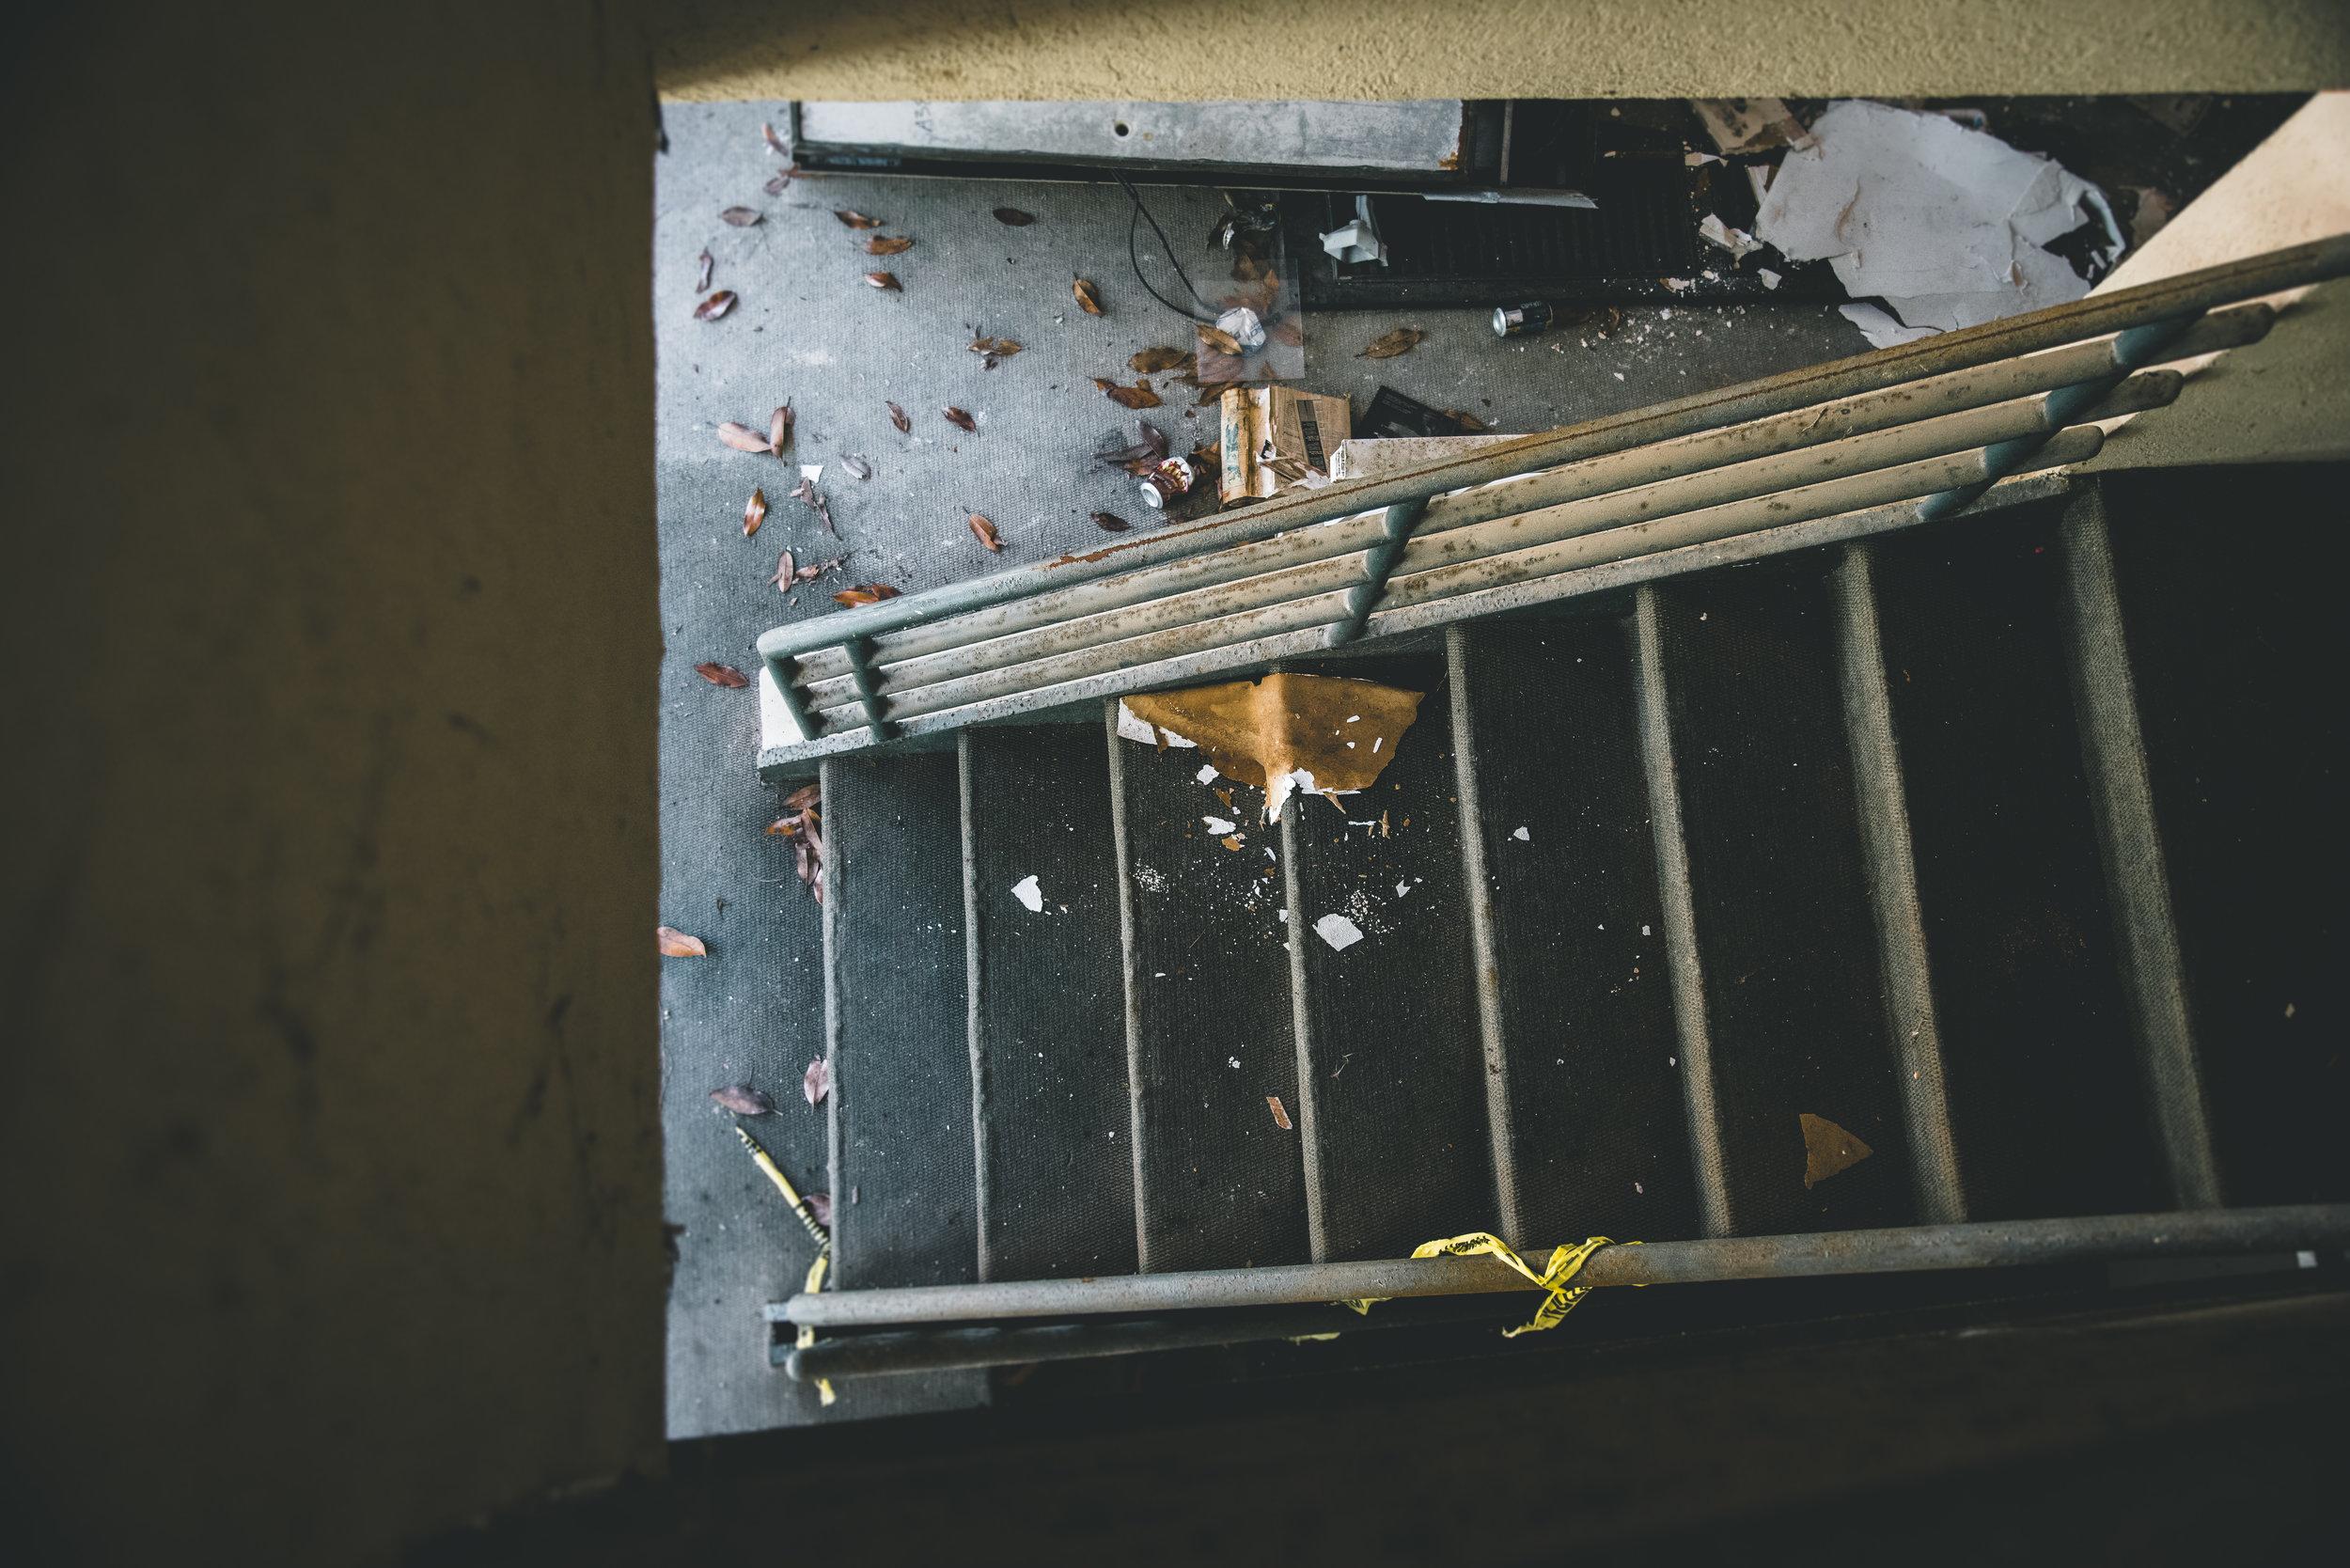 kw-abandoned-hotel-sc-img1.jpg